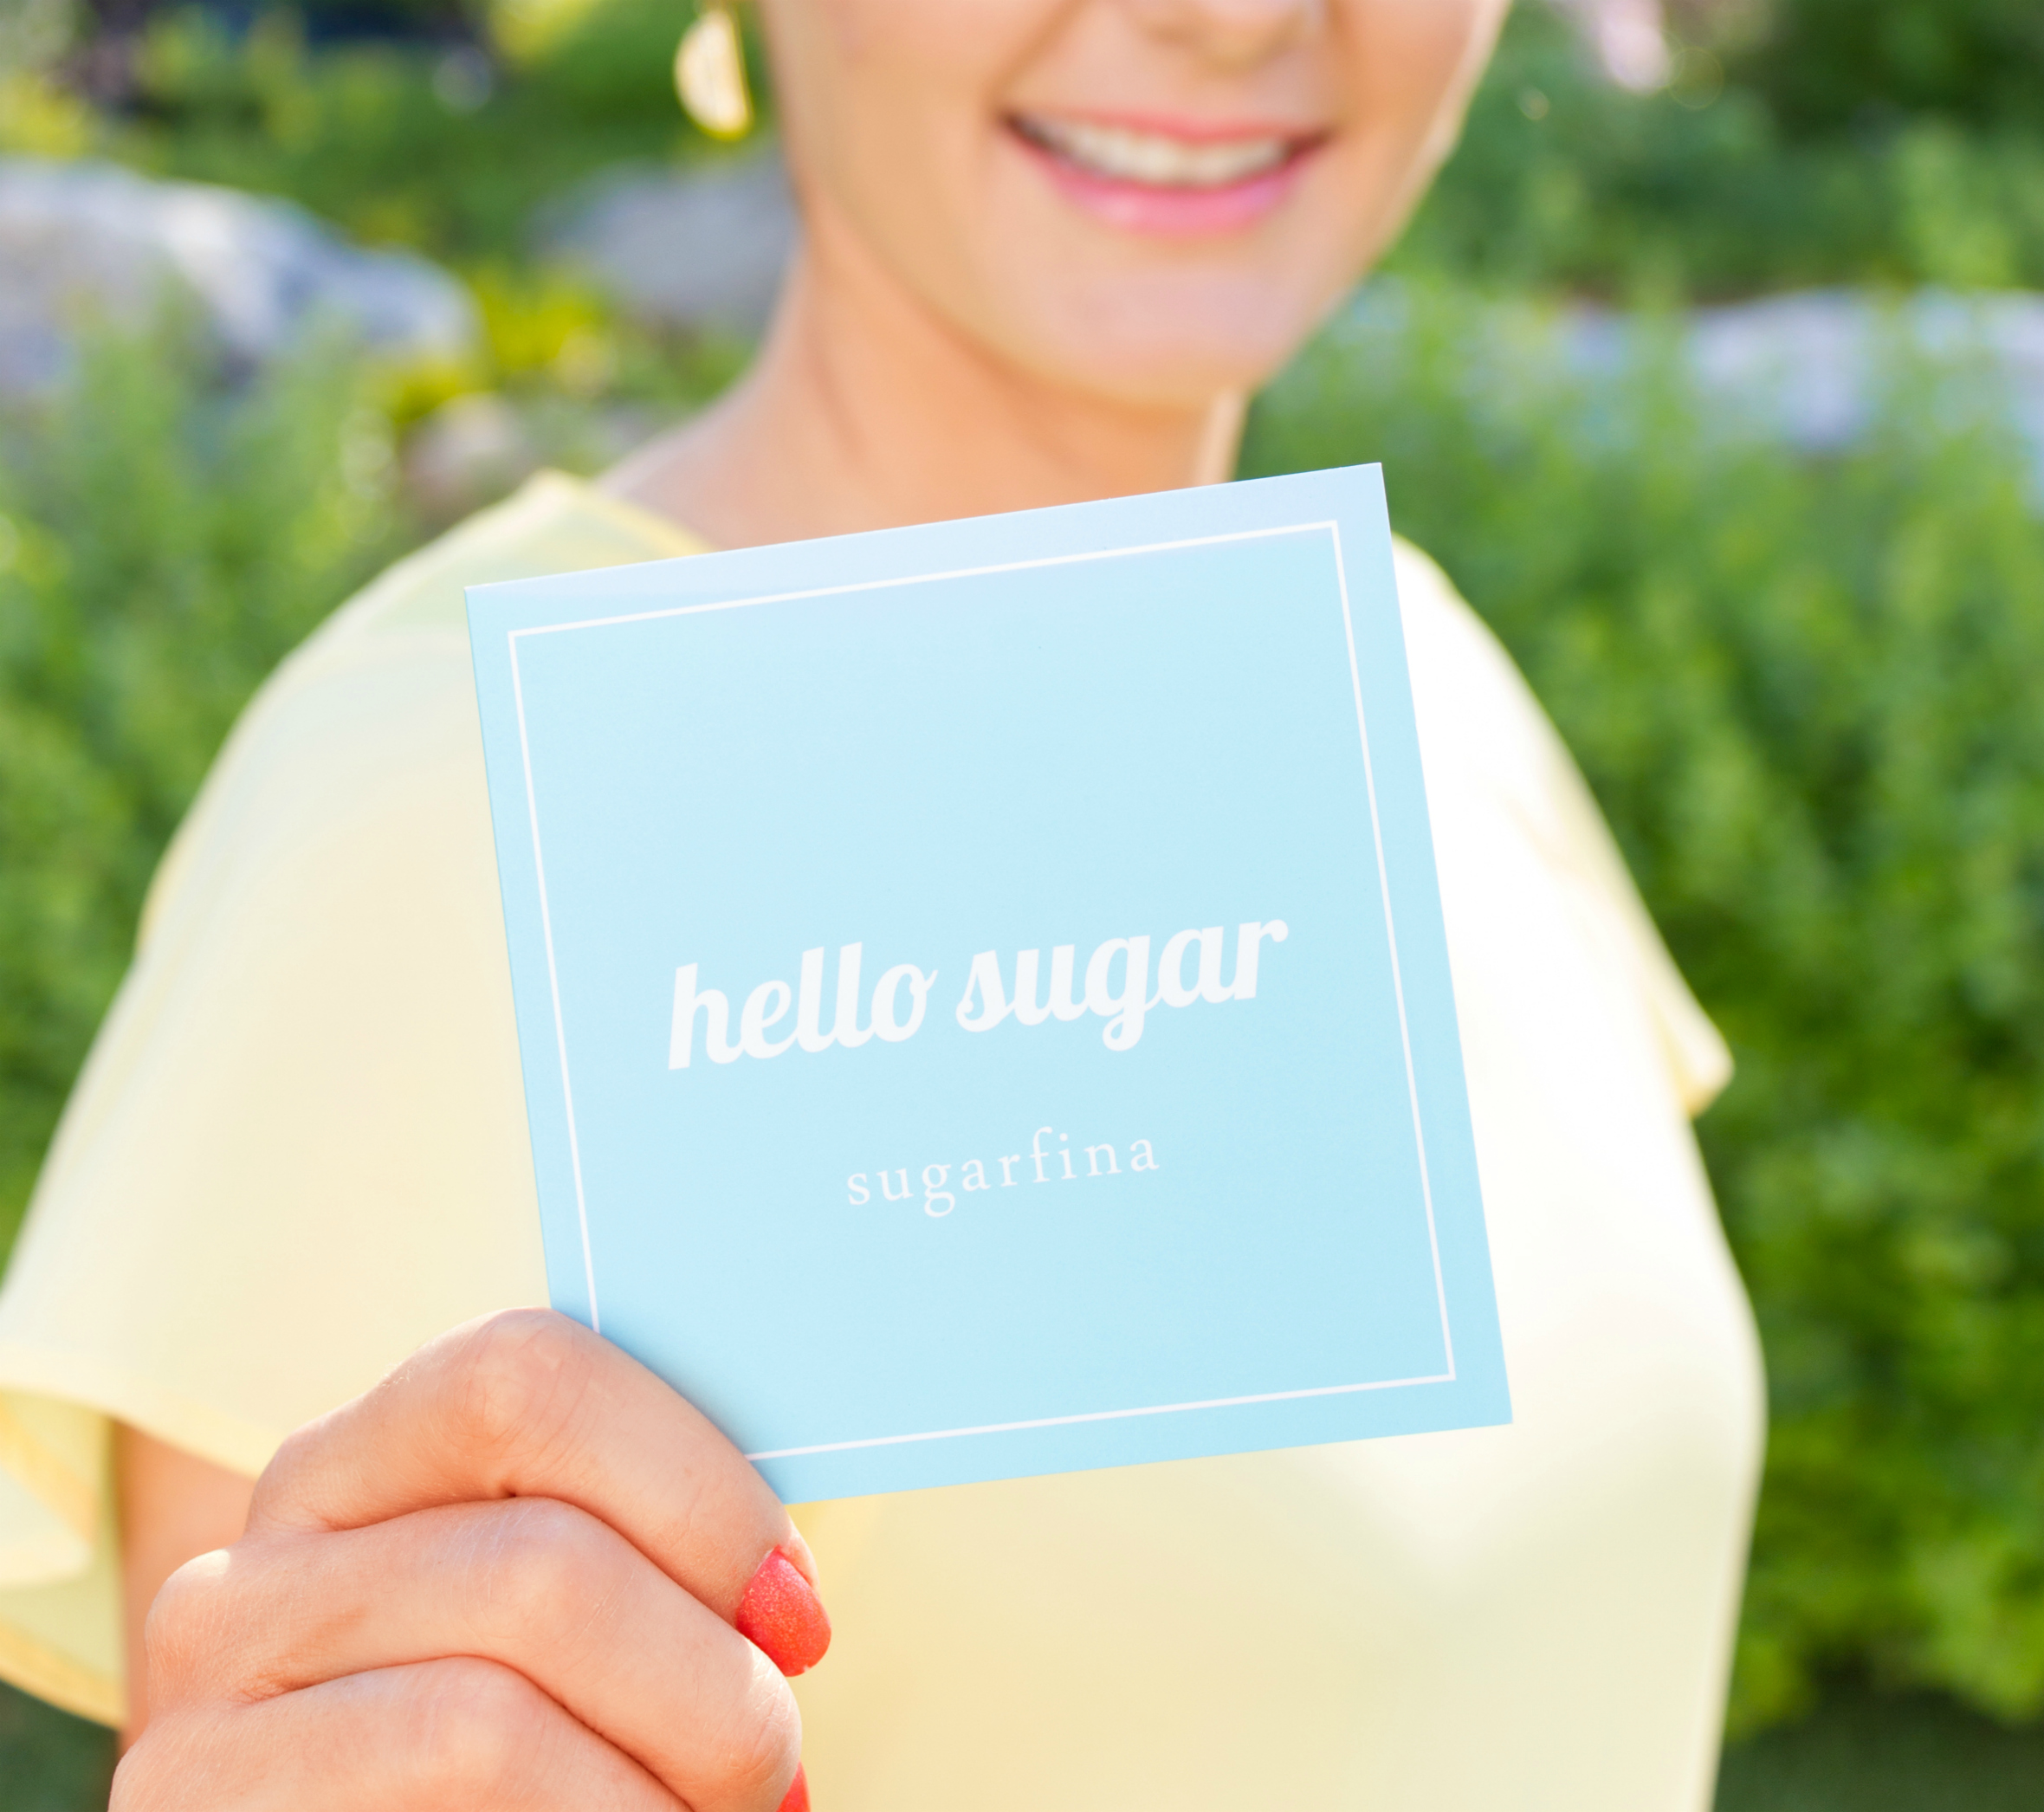 Sugarfina Hello Sugar